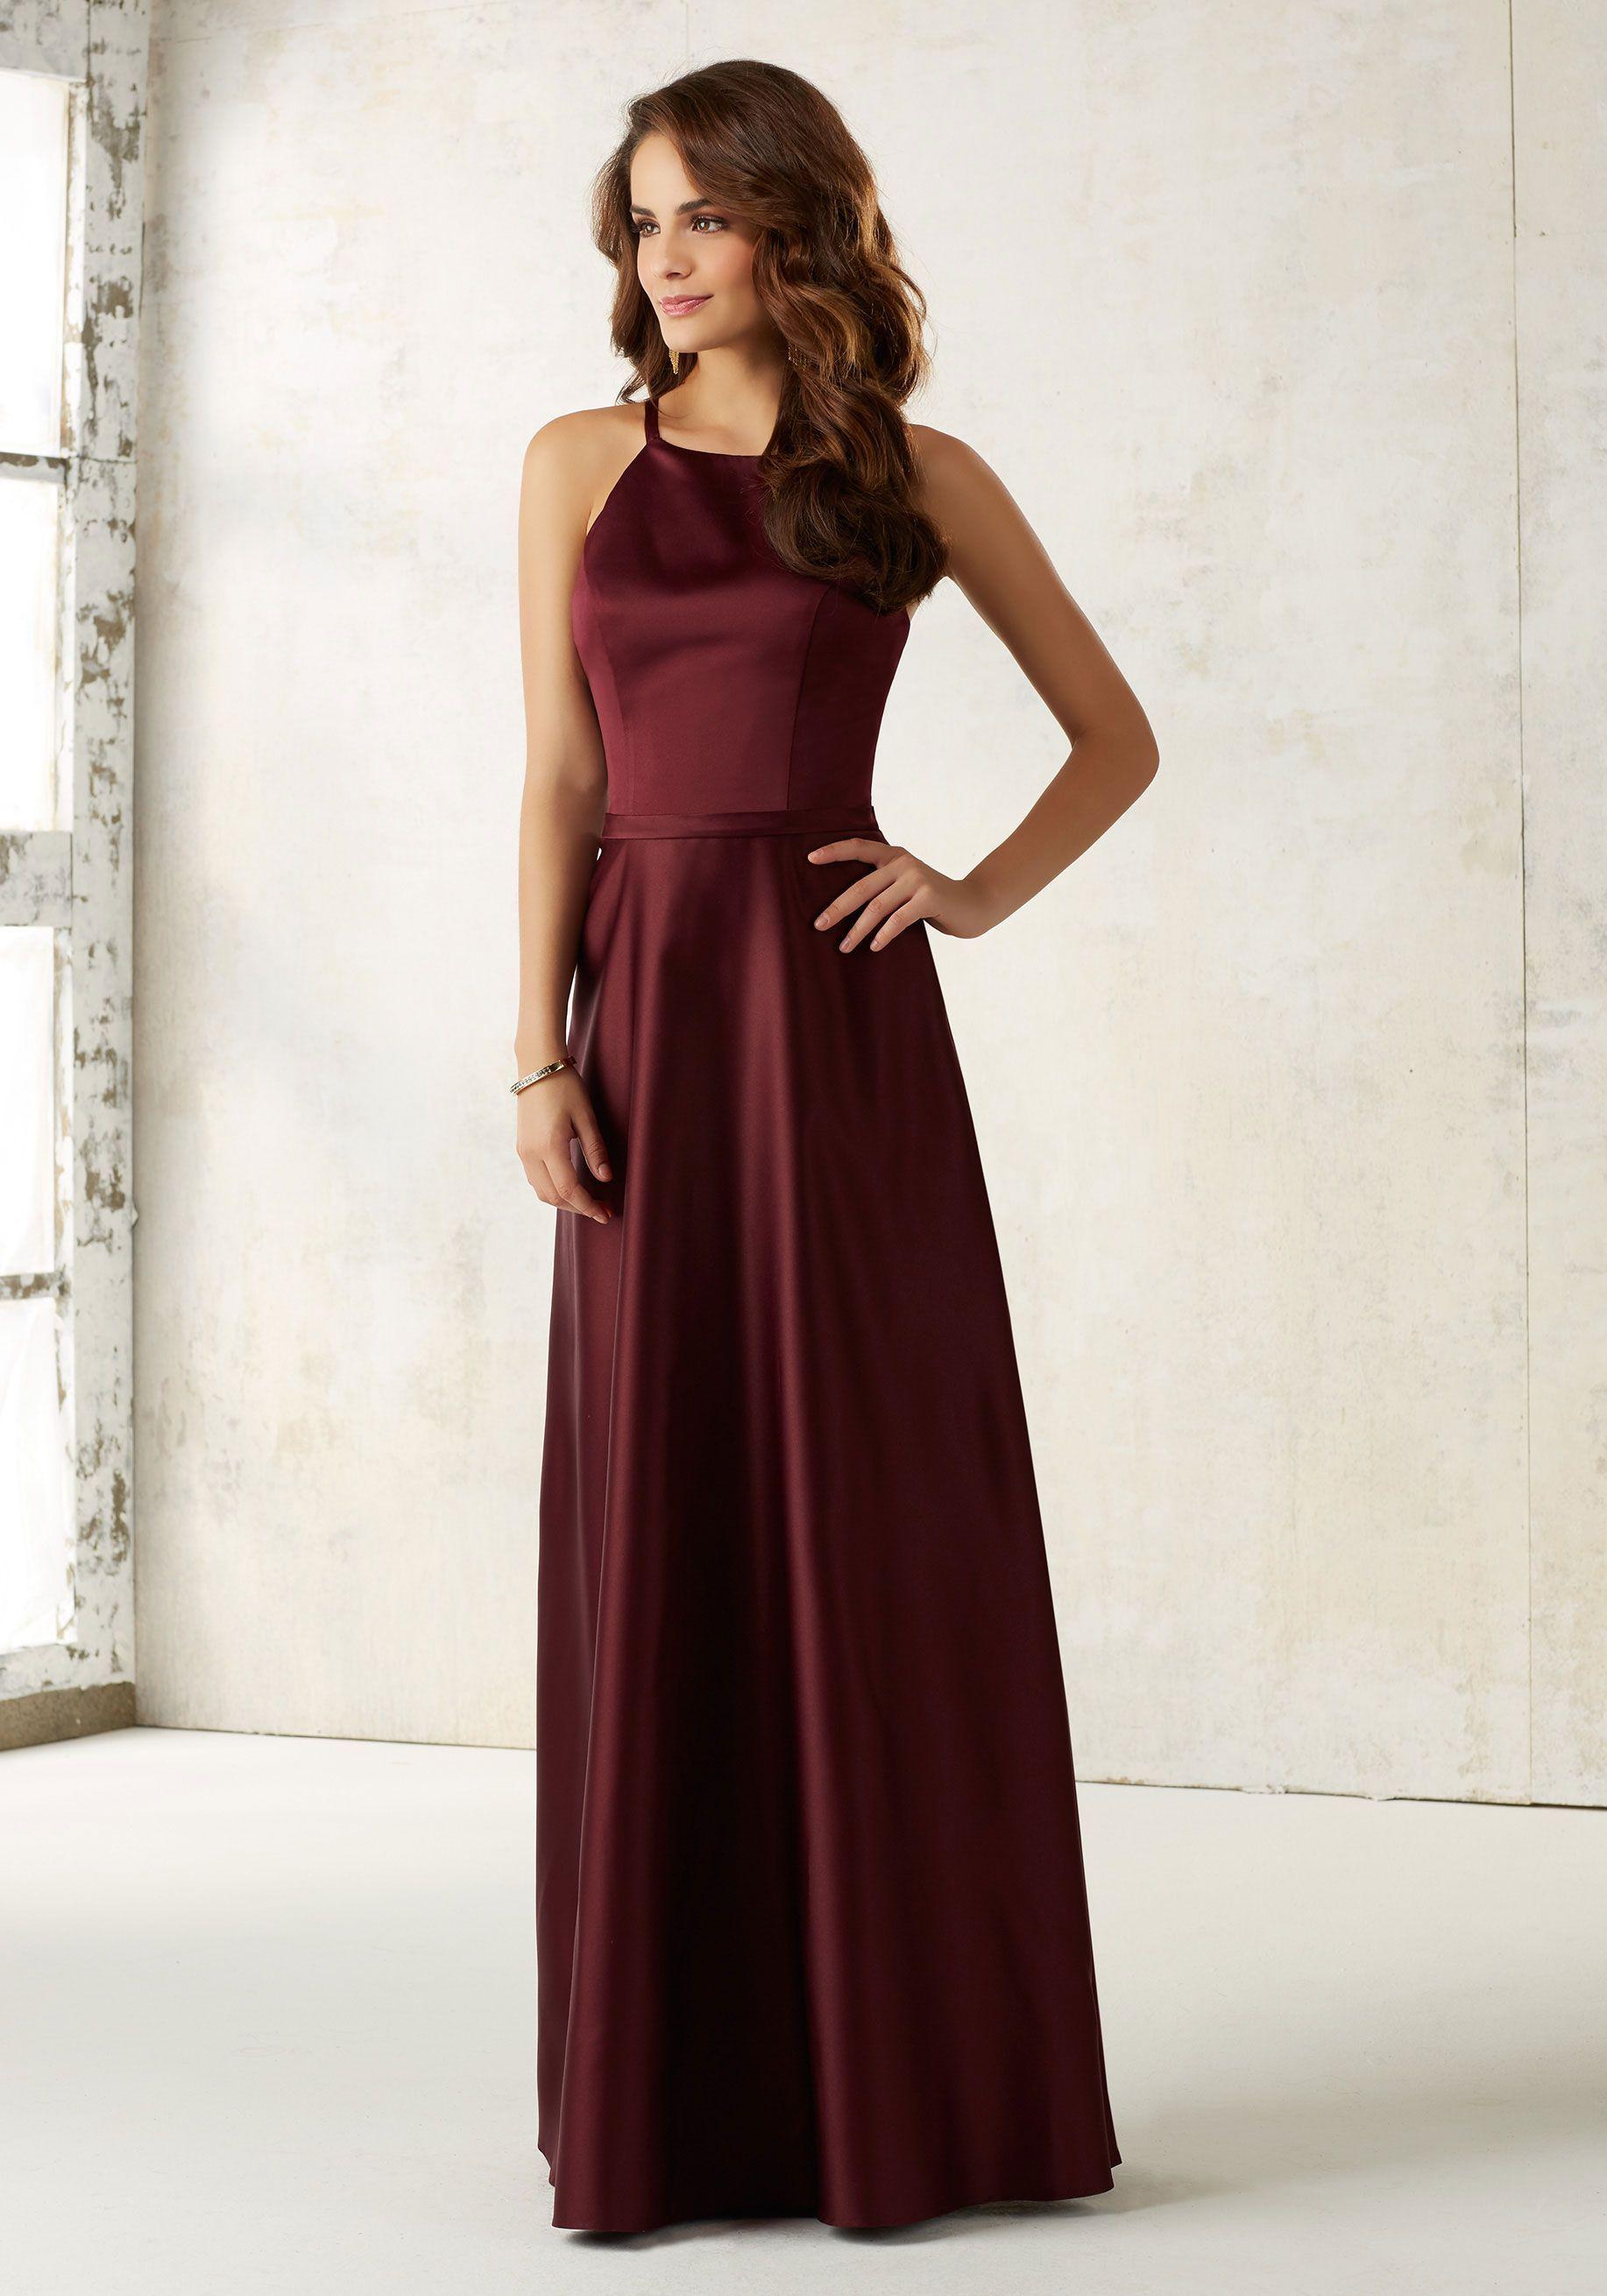 платья цвета бургунди фото жирная